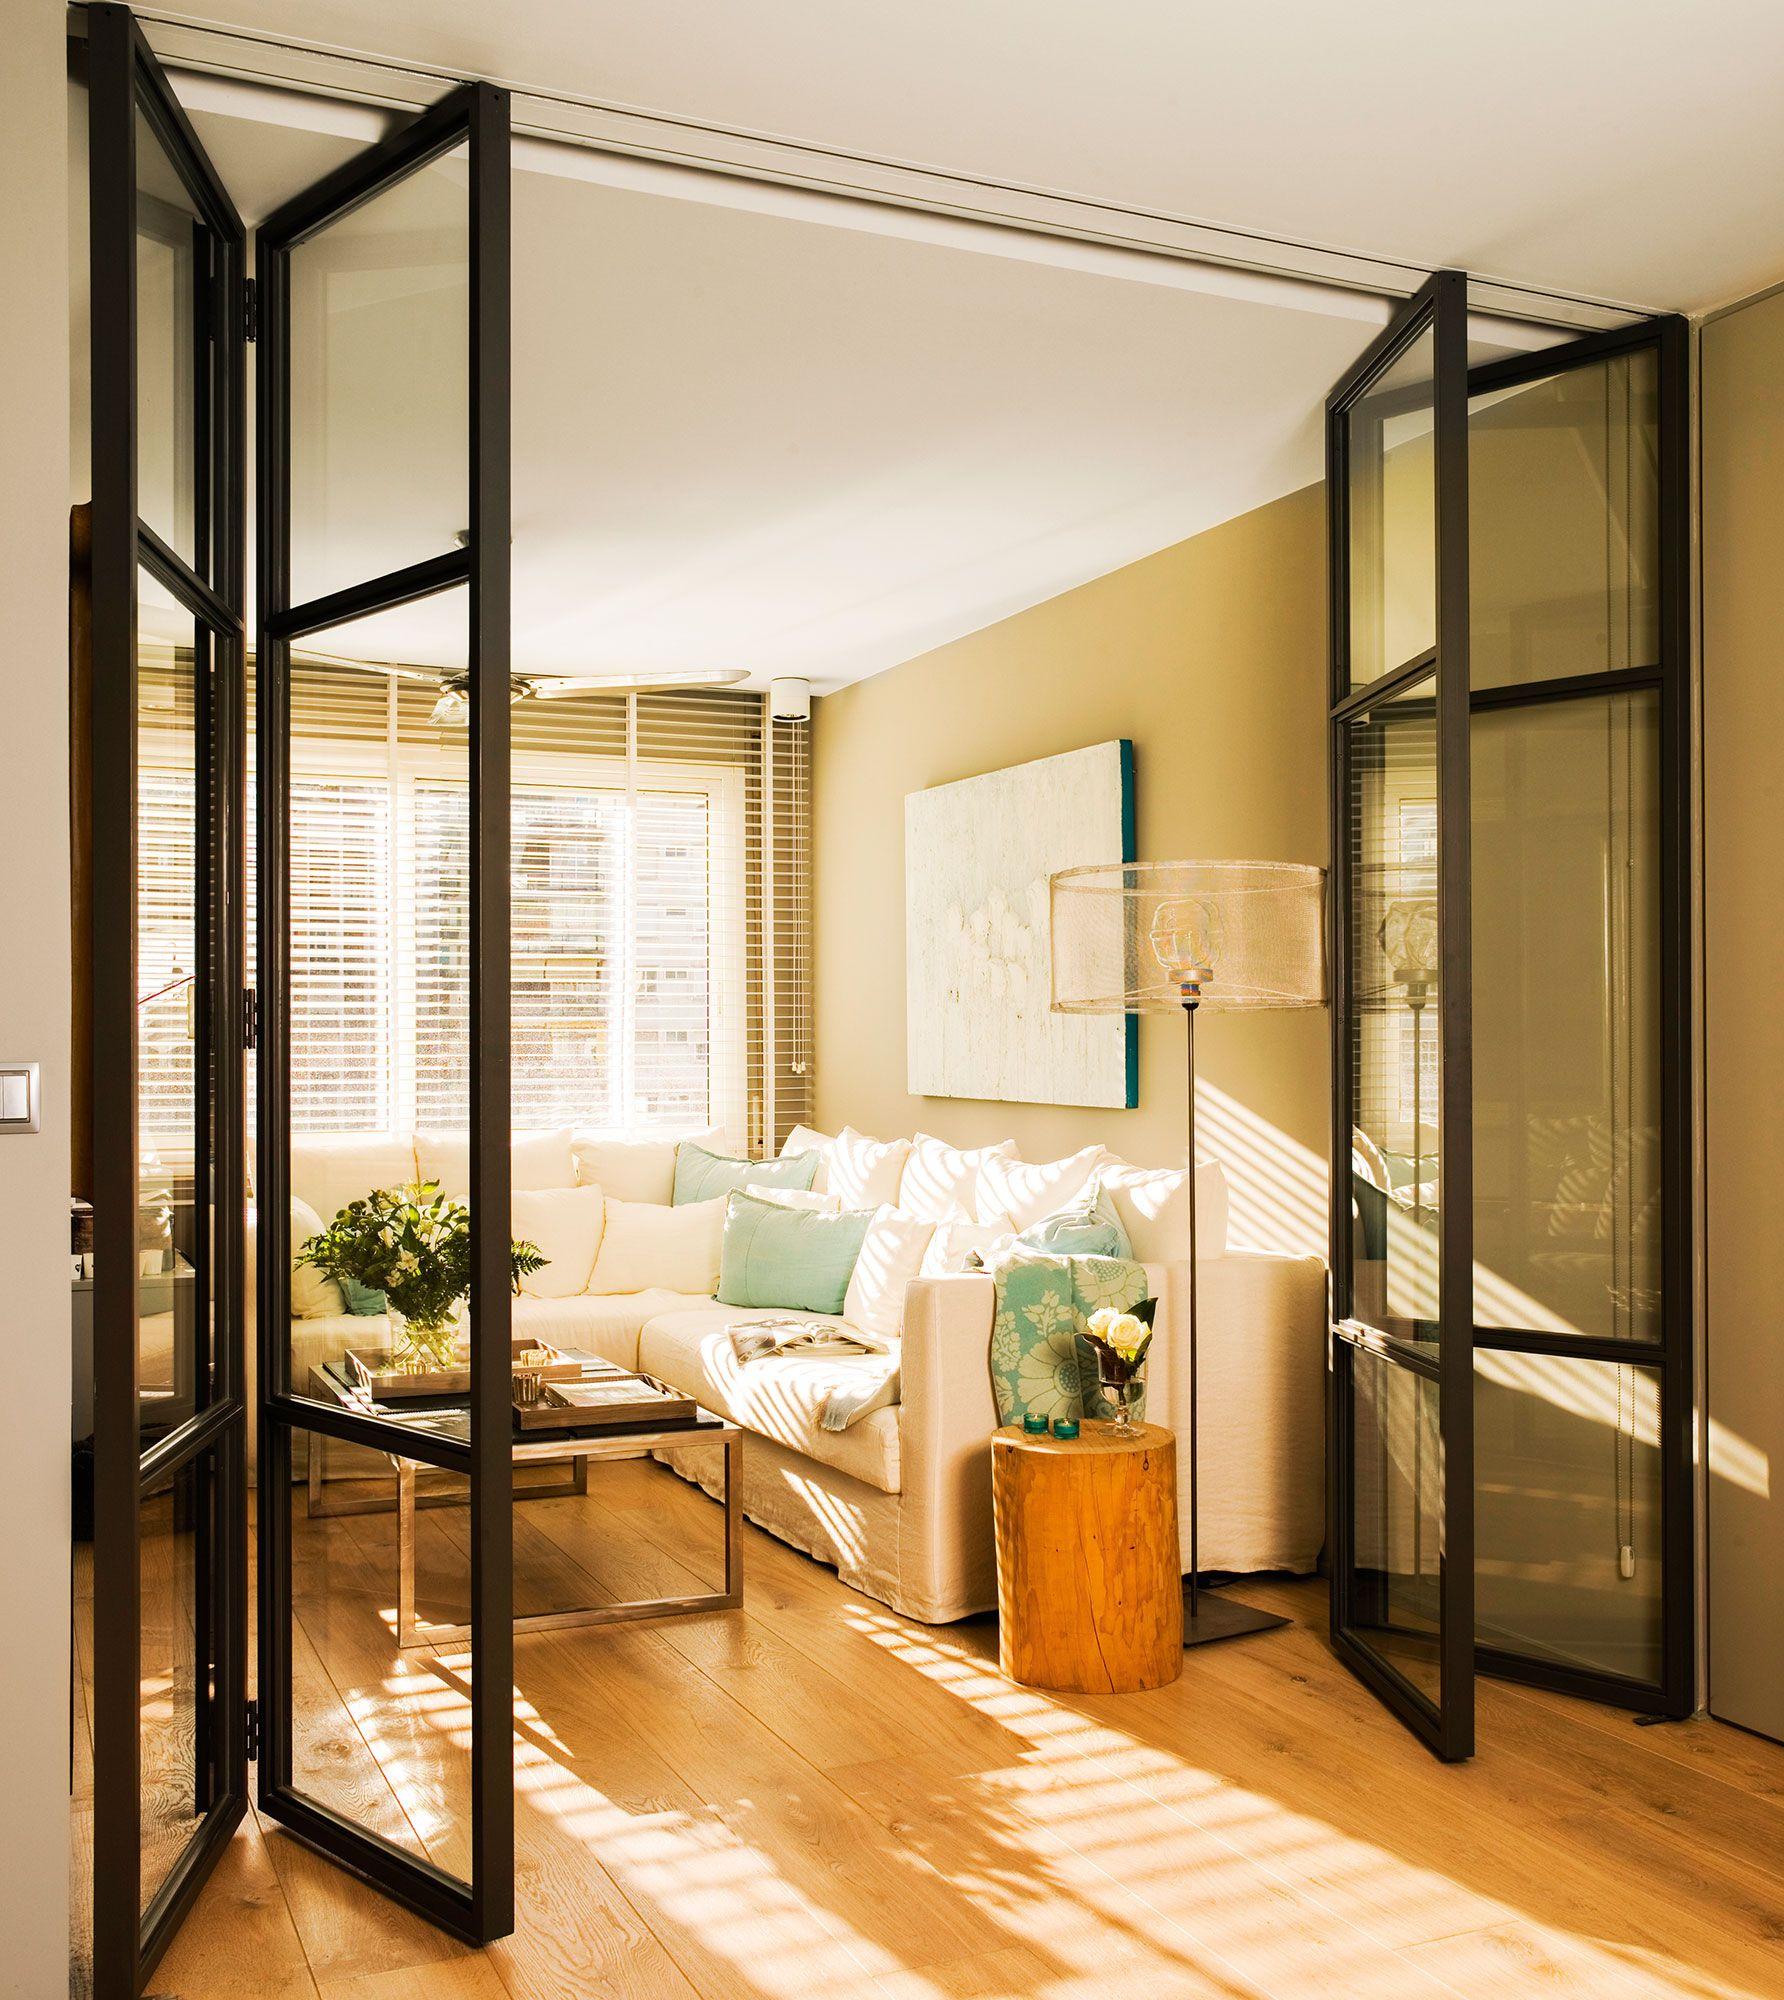 Sal n con puertas correderas plegables acristaladas 03 - Puertas casa interior ...